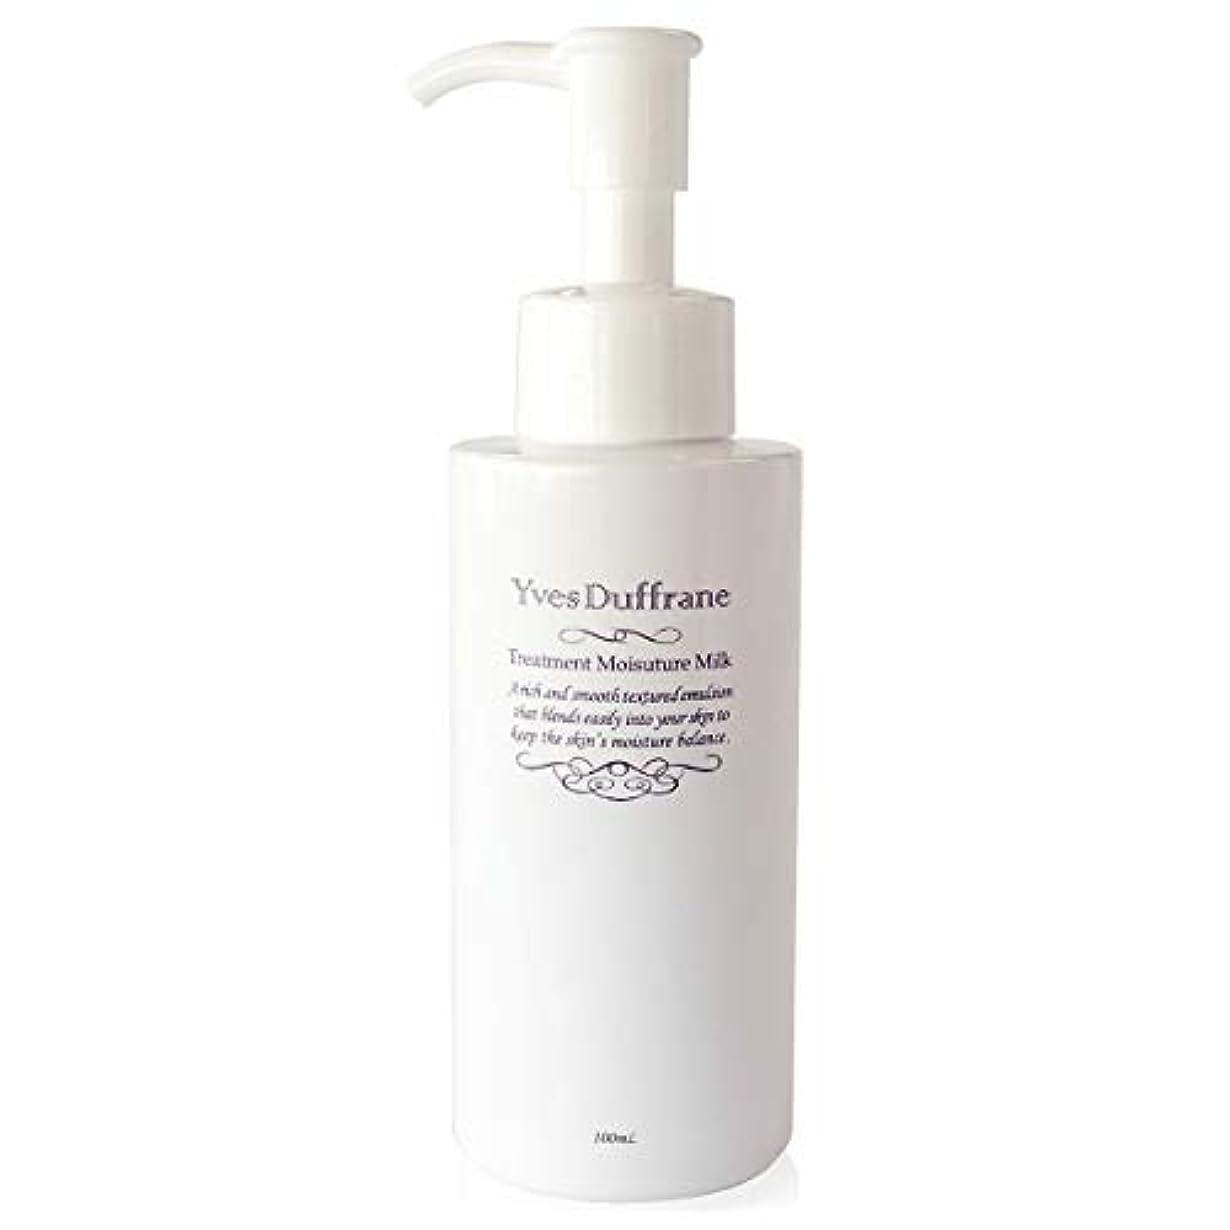 パノラマ修正する逆に乳液/セラミド アミノ酸 配合 [ 美容乳液 ] 増粘剤不使用 保湿 乾燥?敏感肌対応